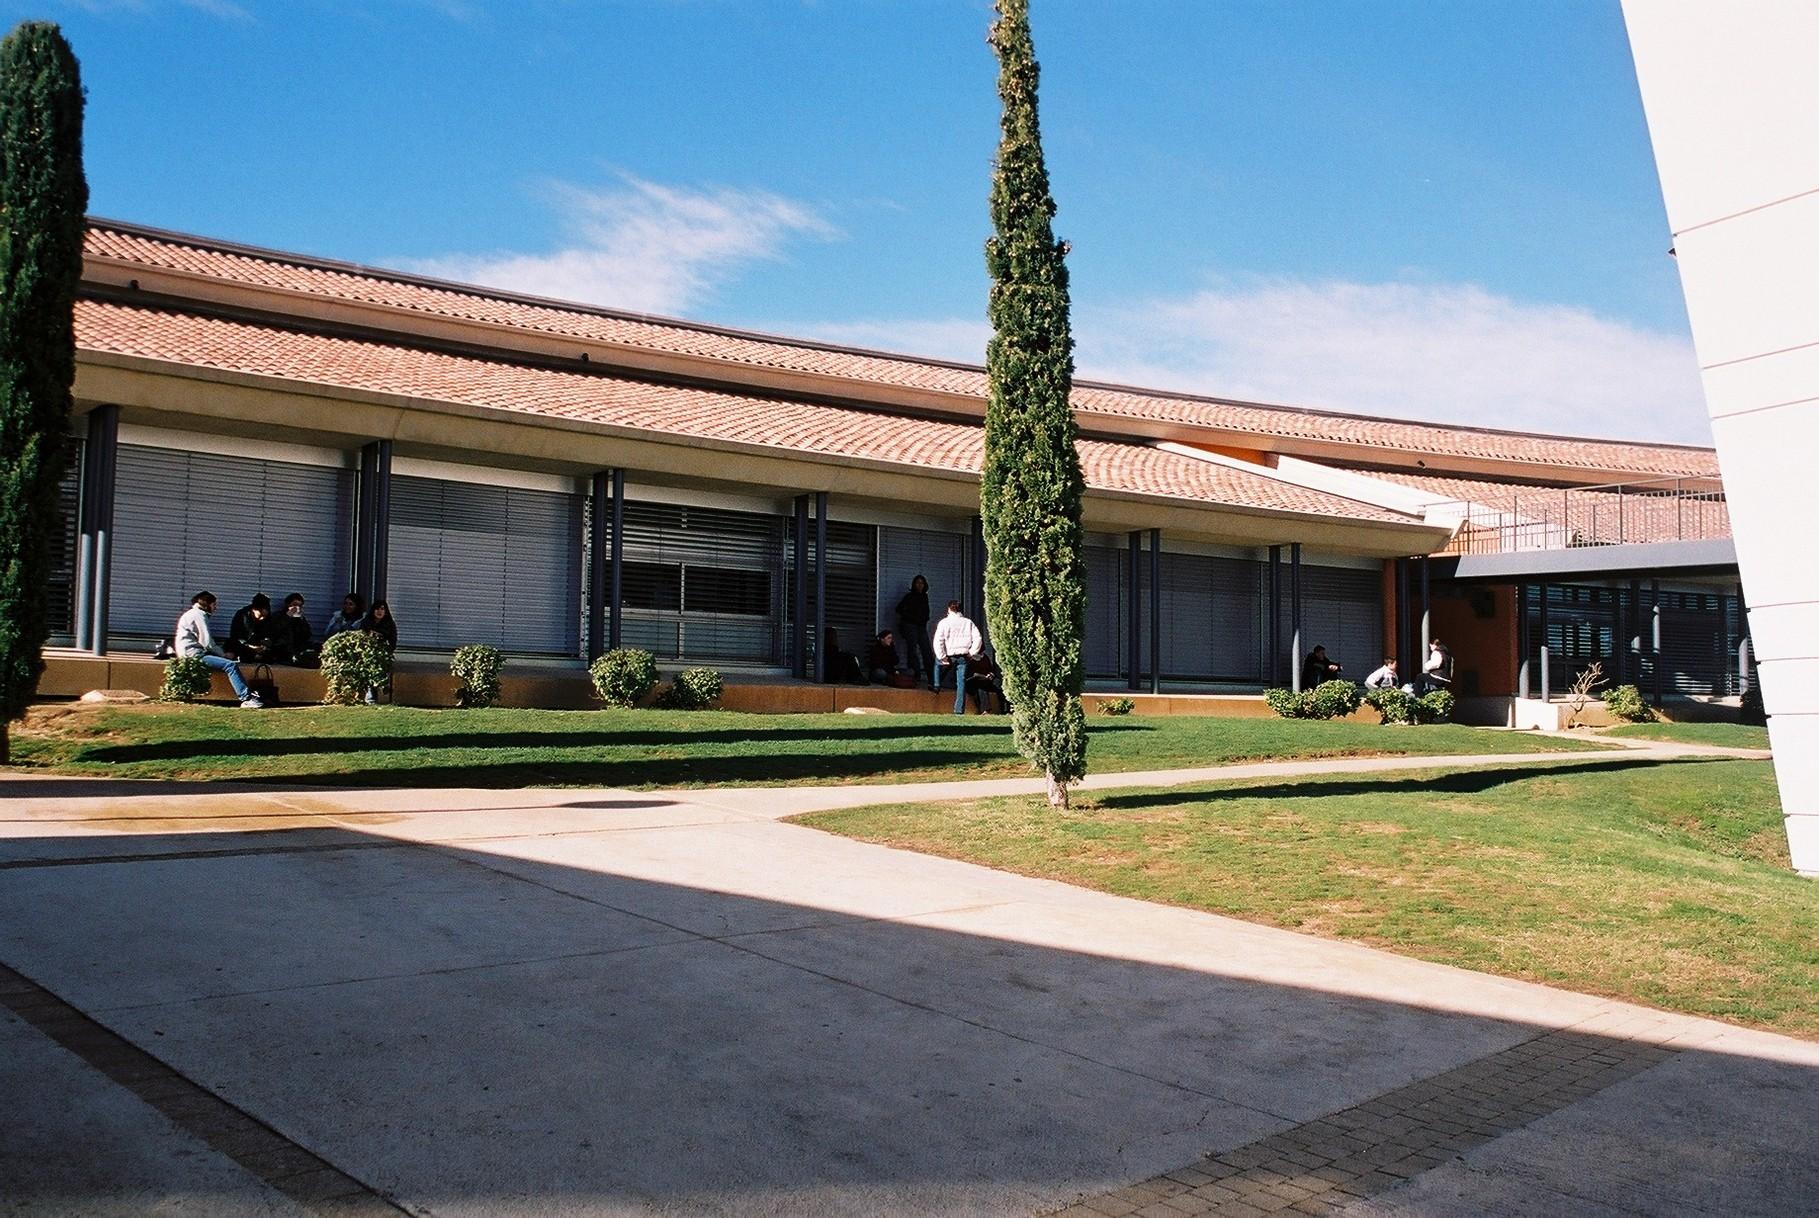 Il a été inauguré en 1996